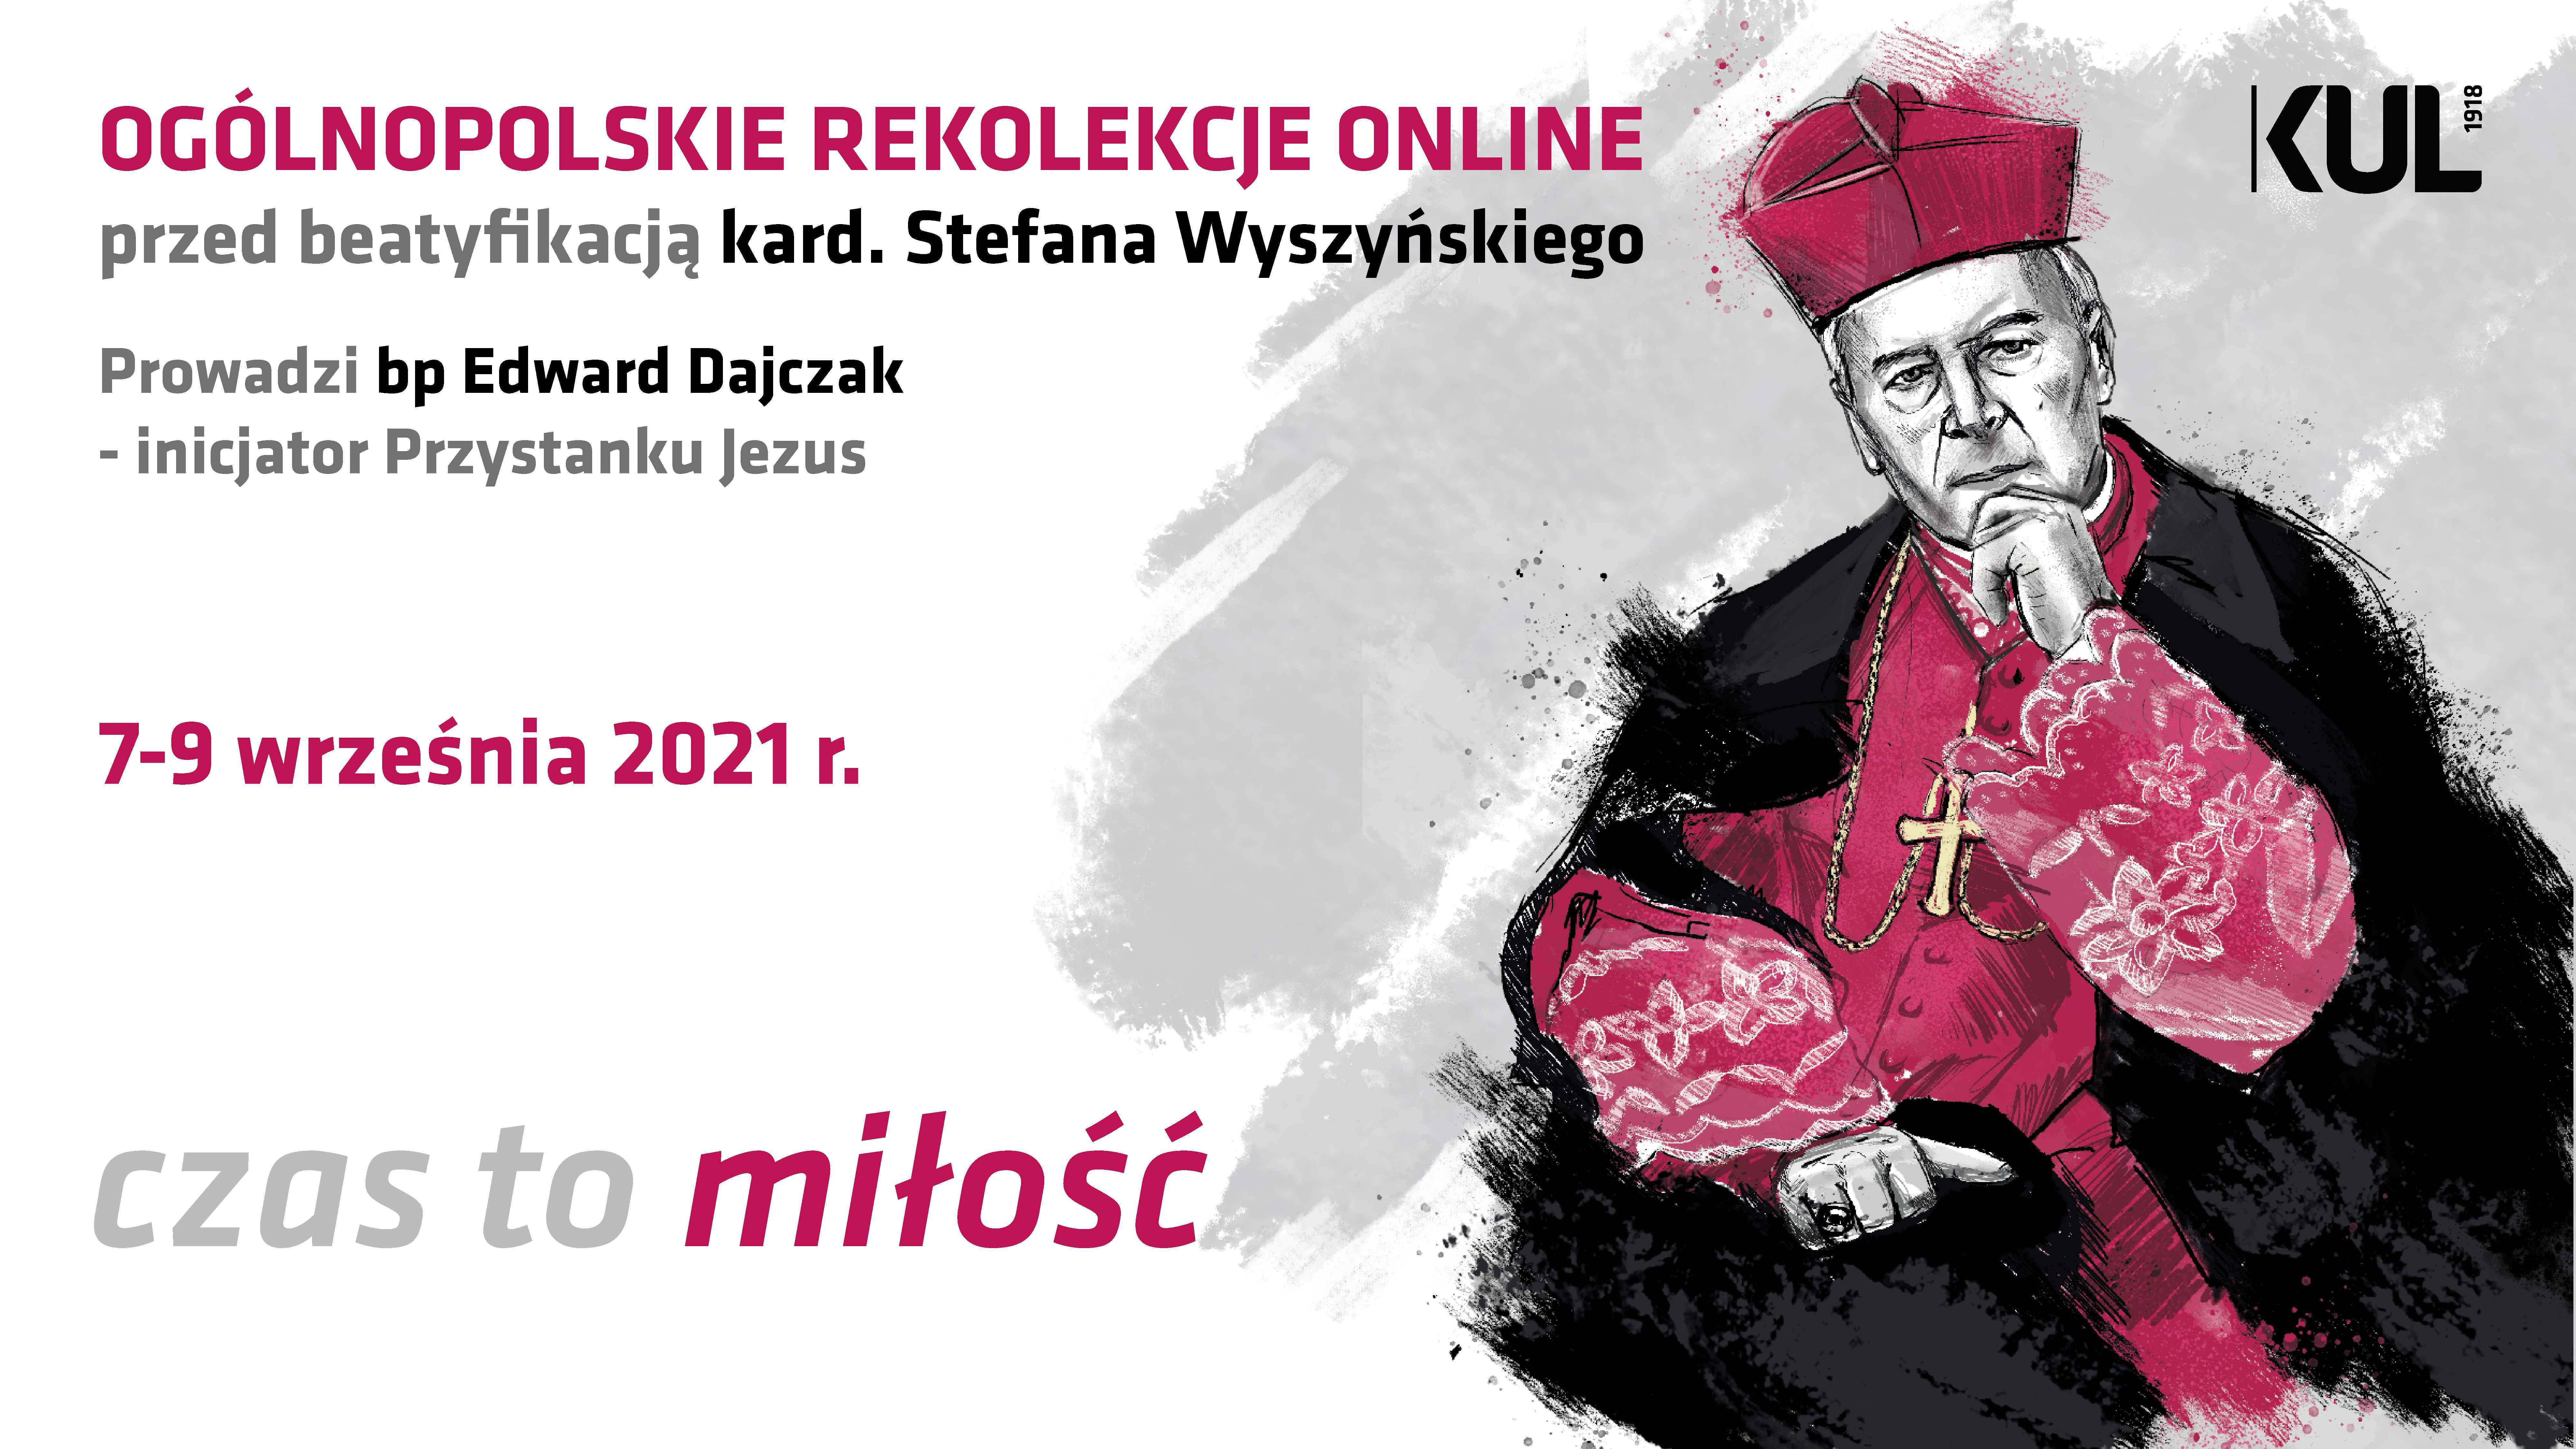 Lublin: Ruszają ogólnopolskie rekolekcje przed beatyfikacją kard. Wyszyńskiego - Zdjęcie główne